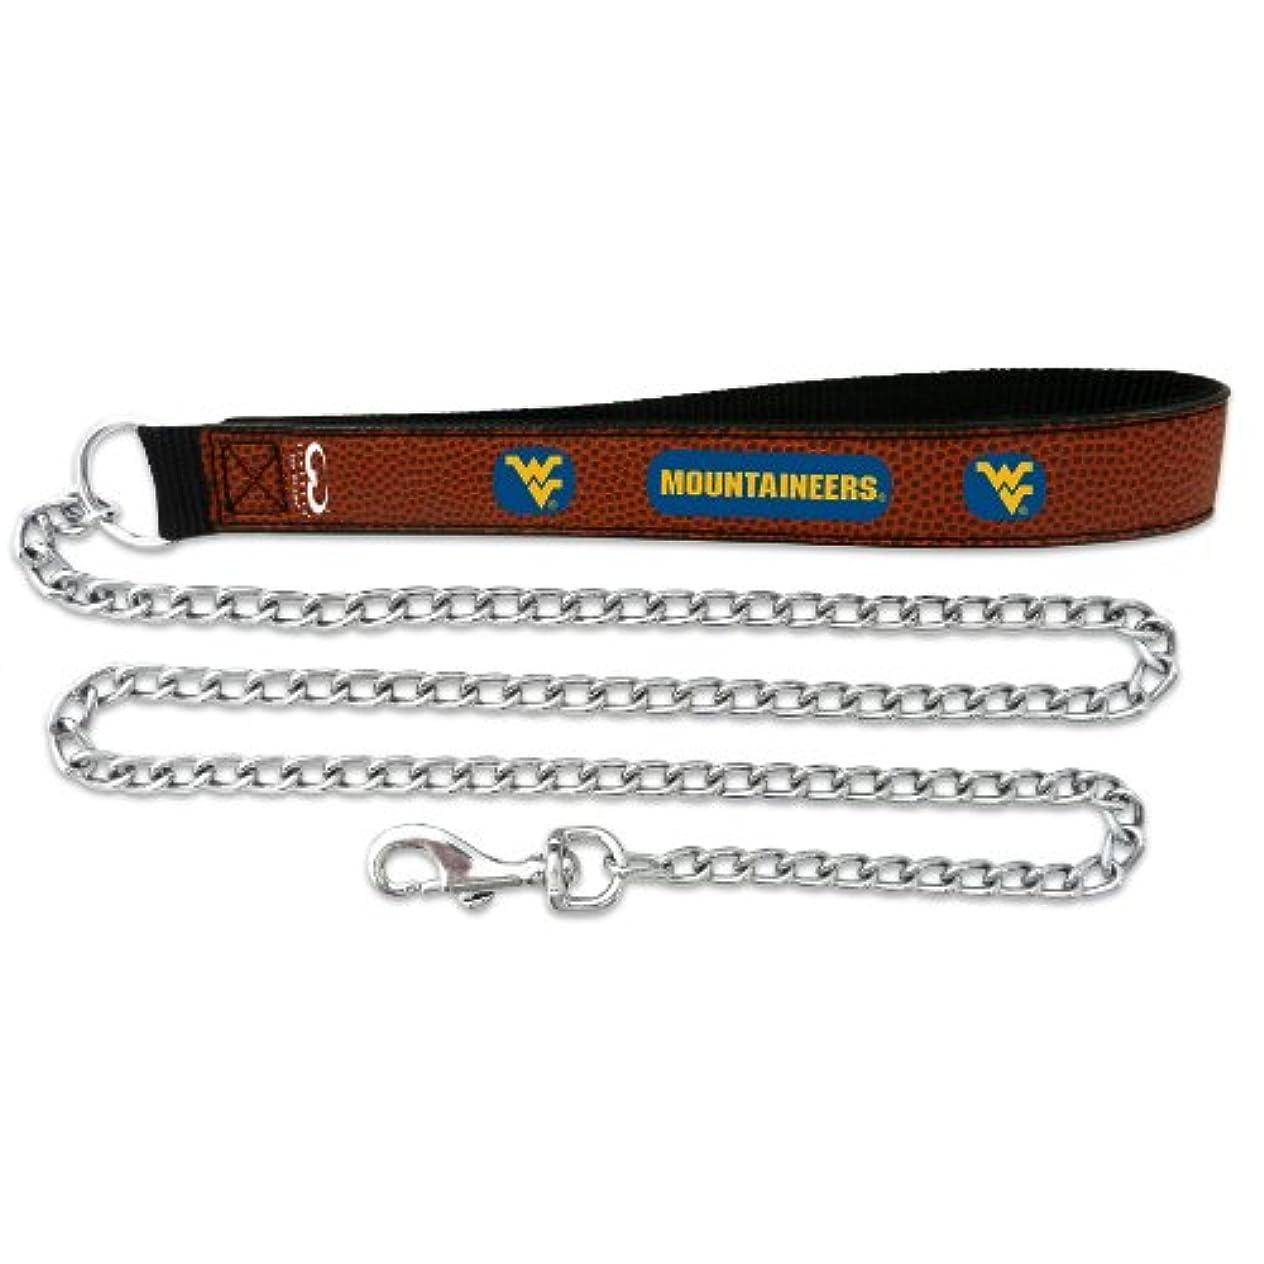 受ける入り口バランスのとれたWest Virginia Mountaineers Football Leather 3.5mm Chain Leash - L